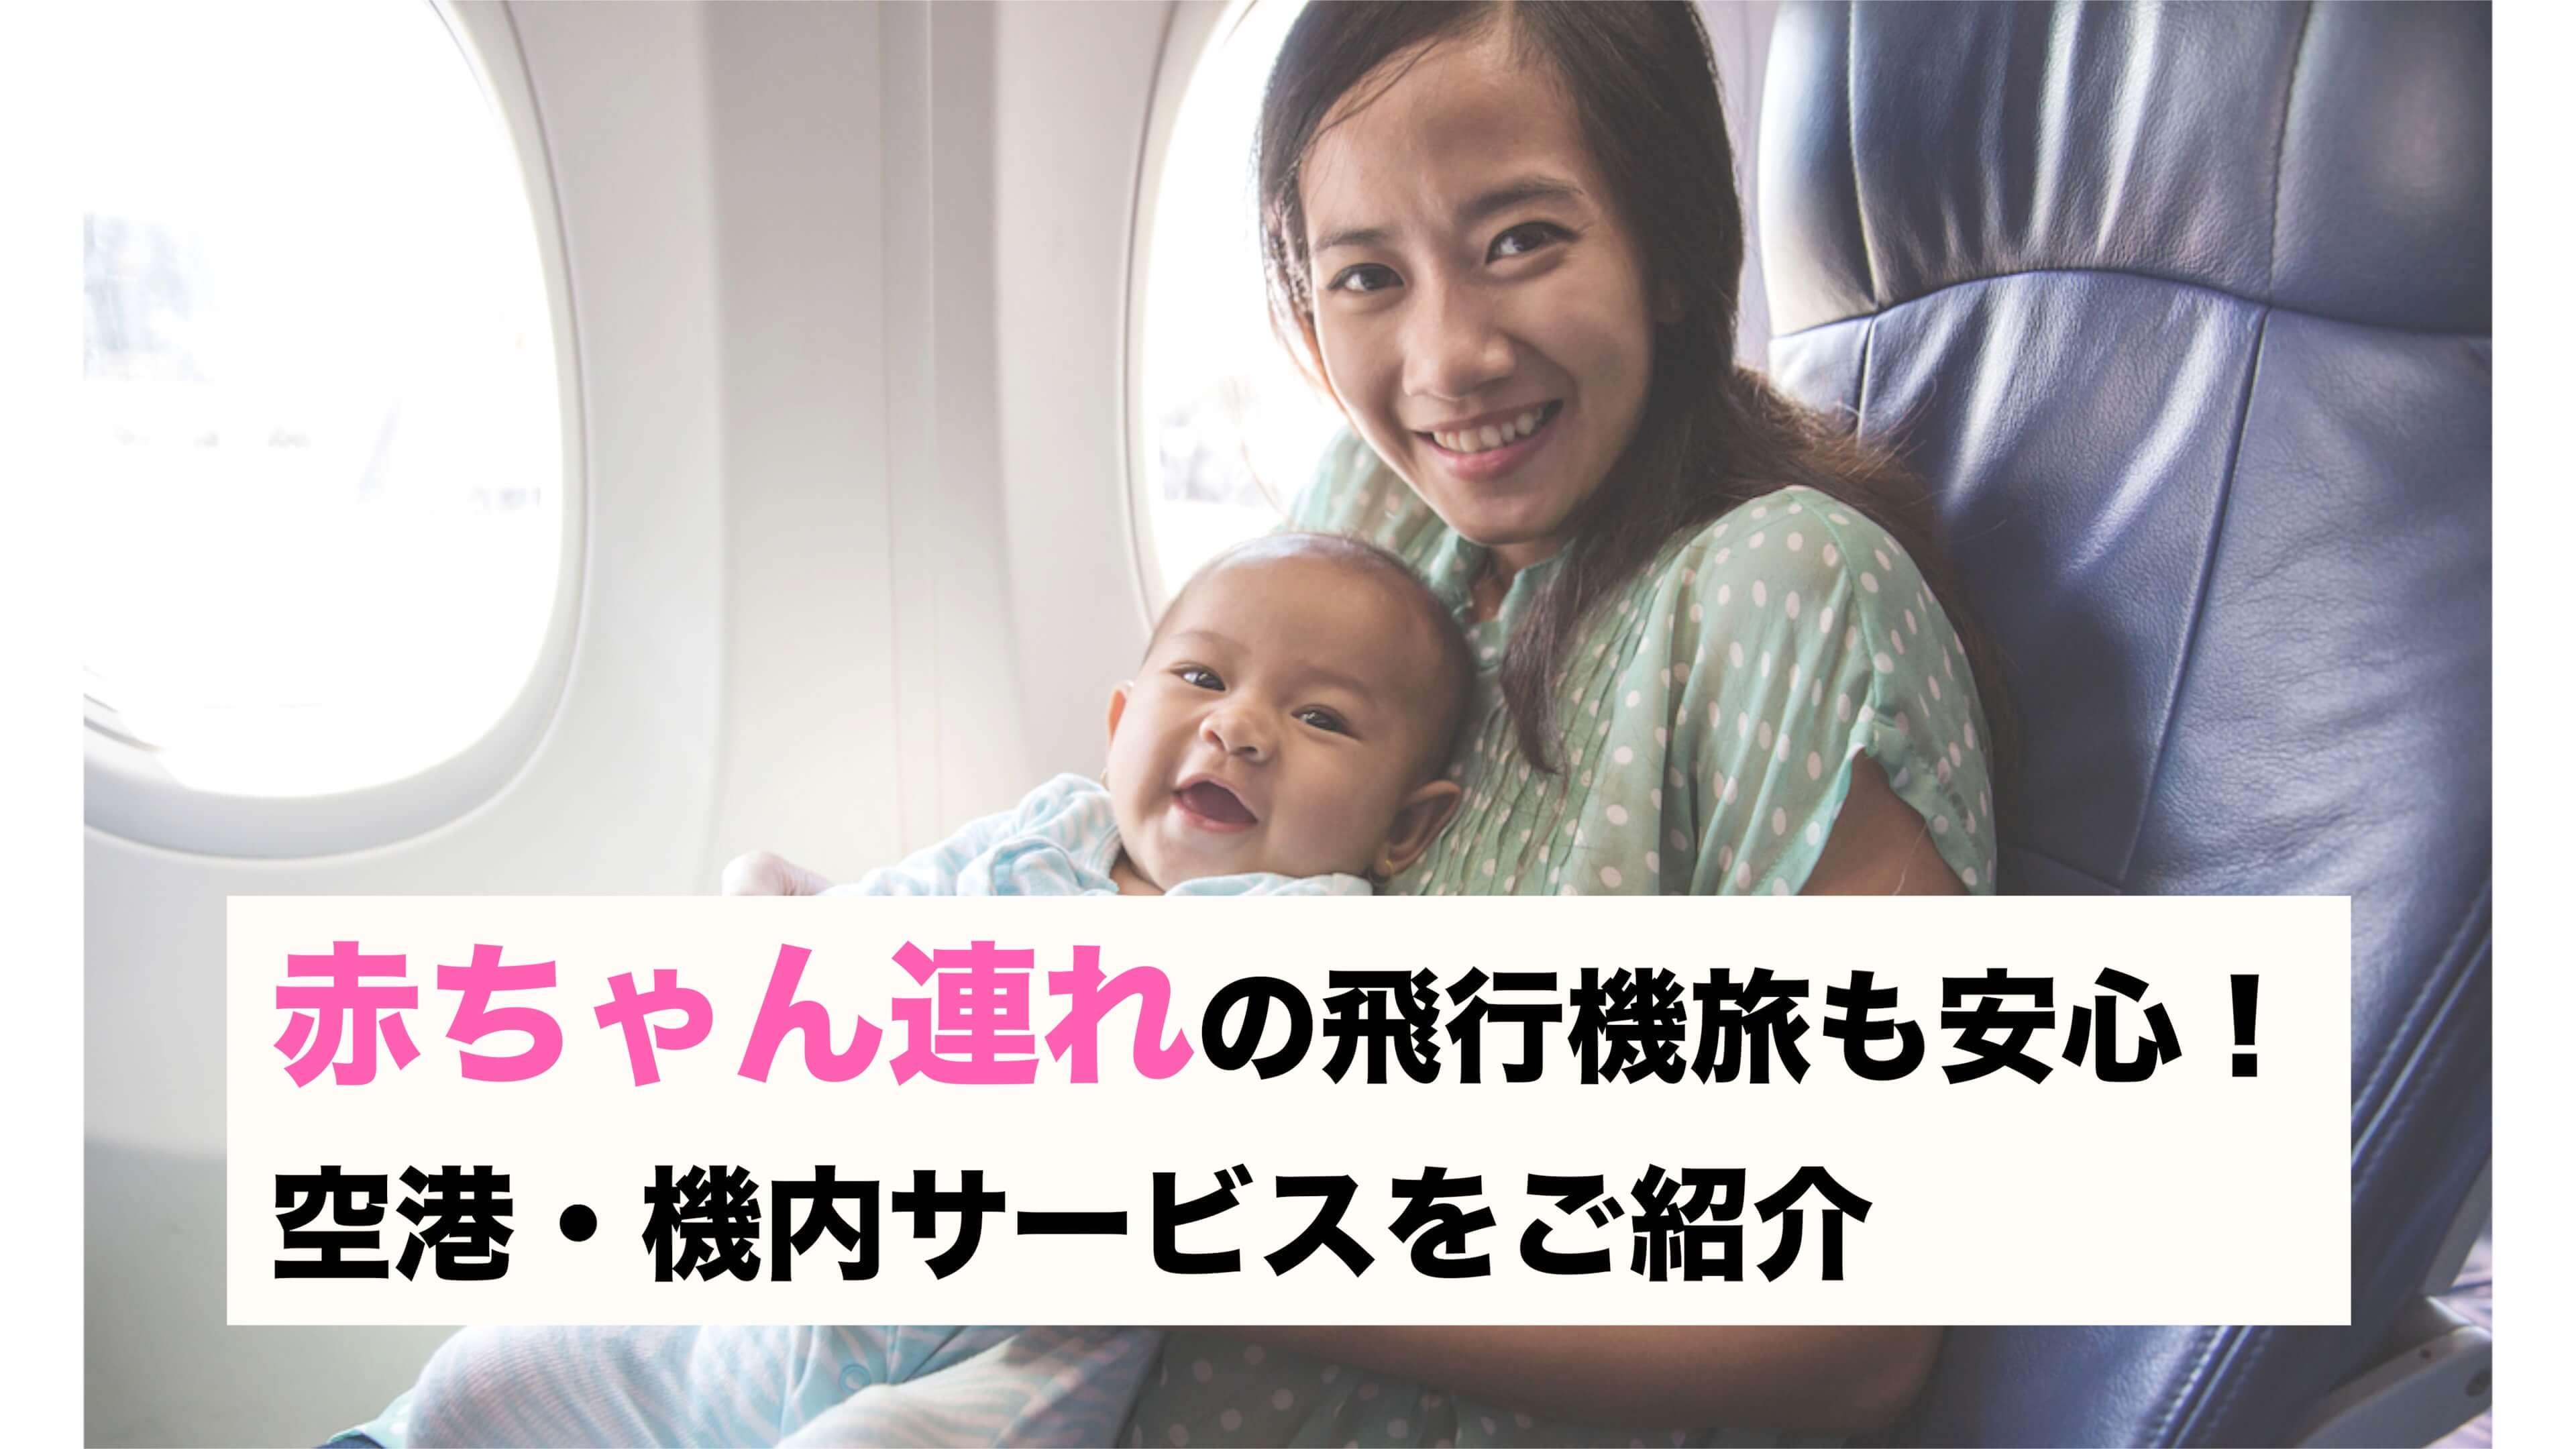 赤ちゃんづれの飛行機旅も安心!空港・機内サービスを紹介